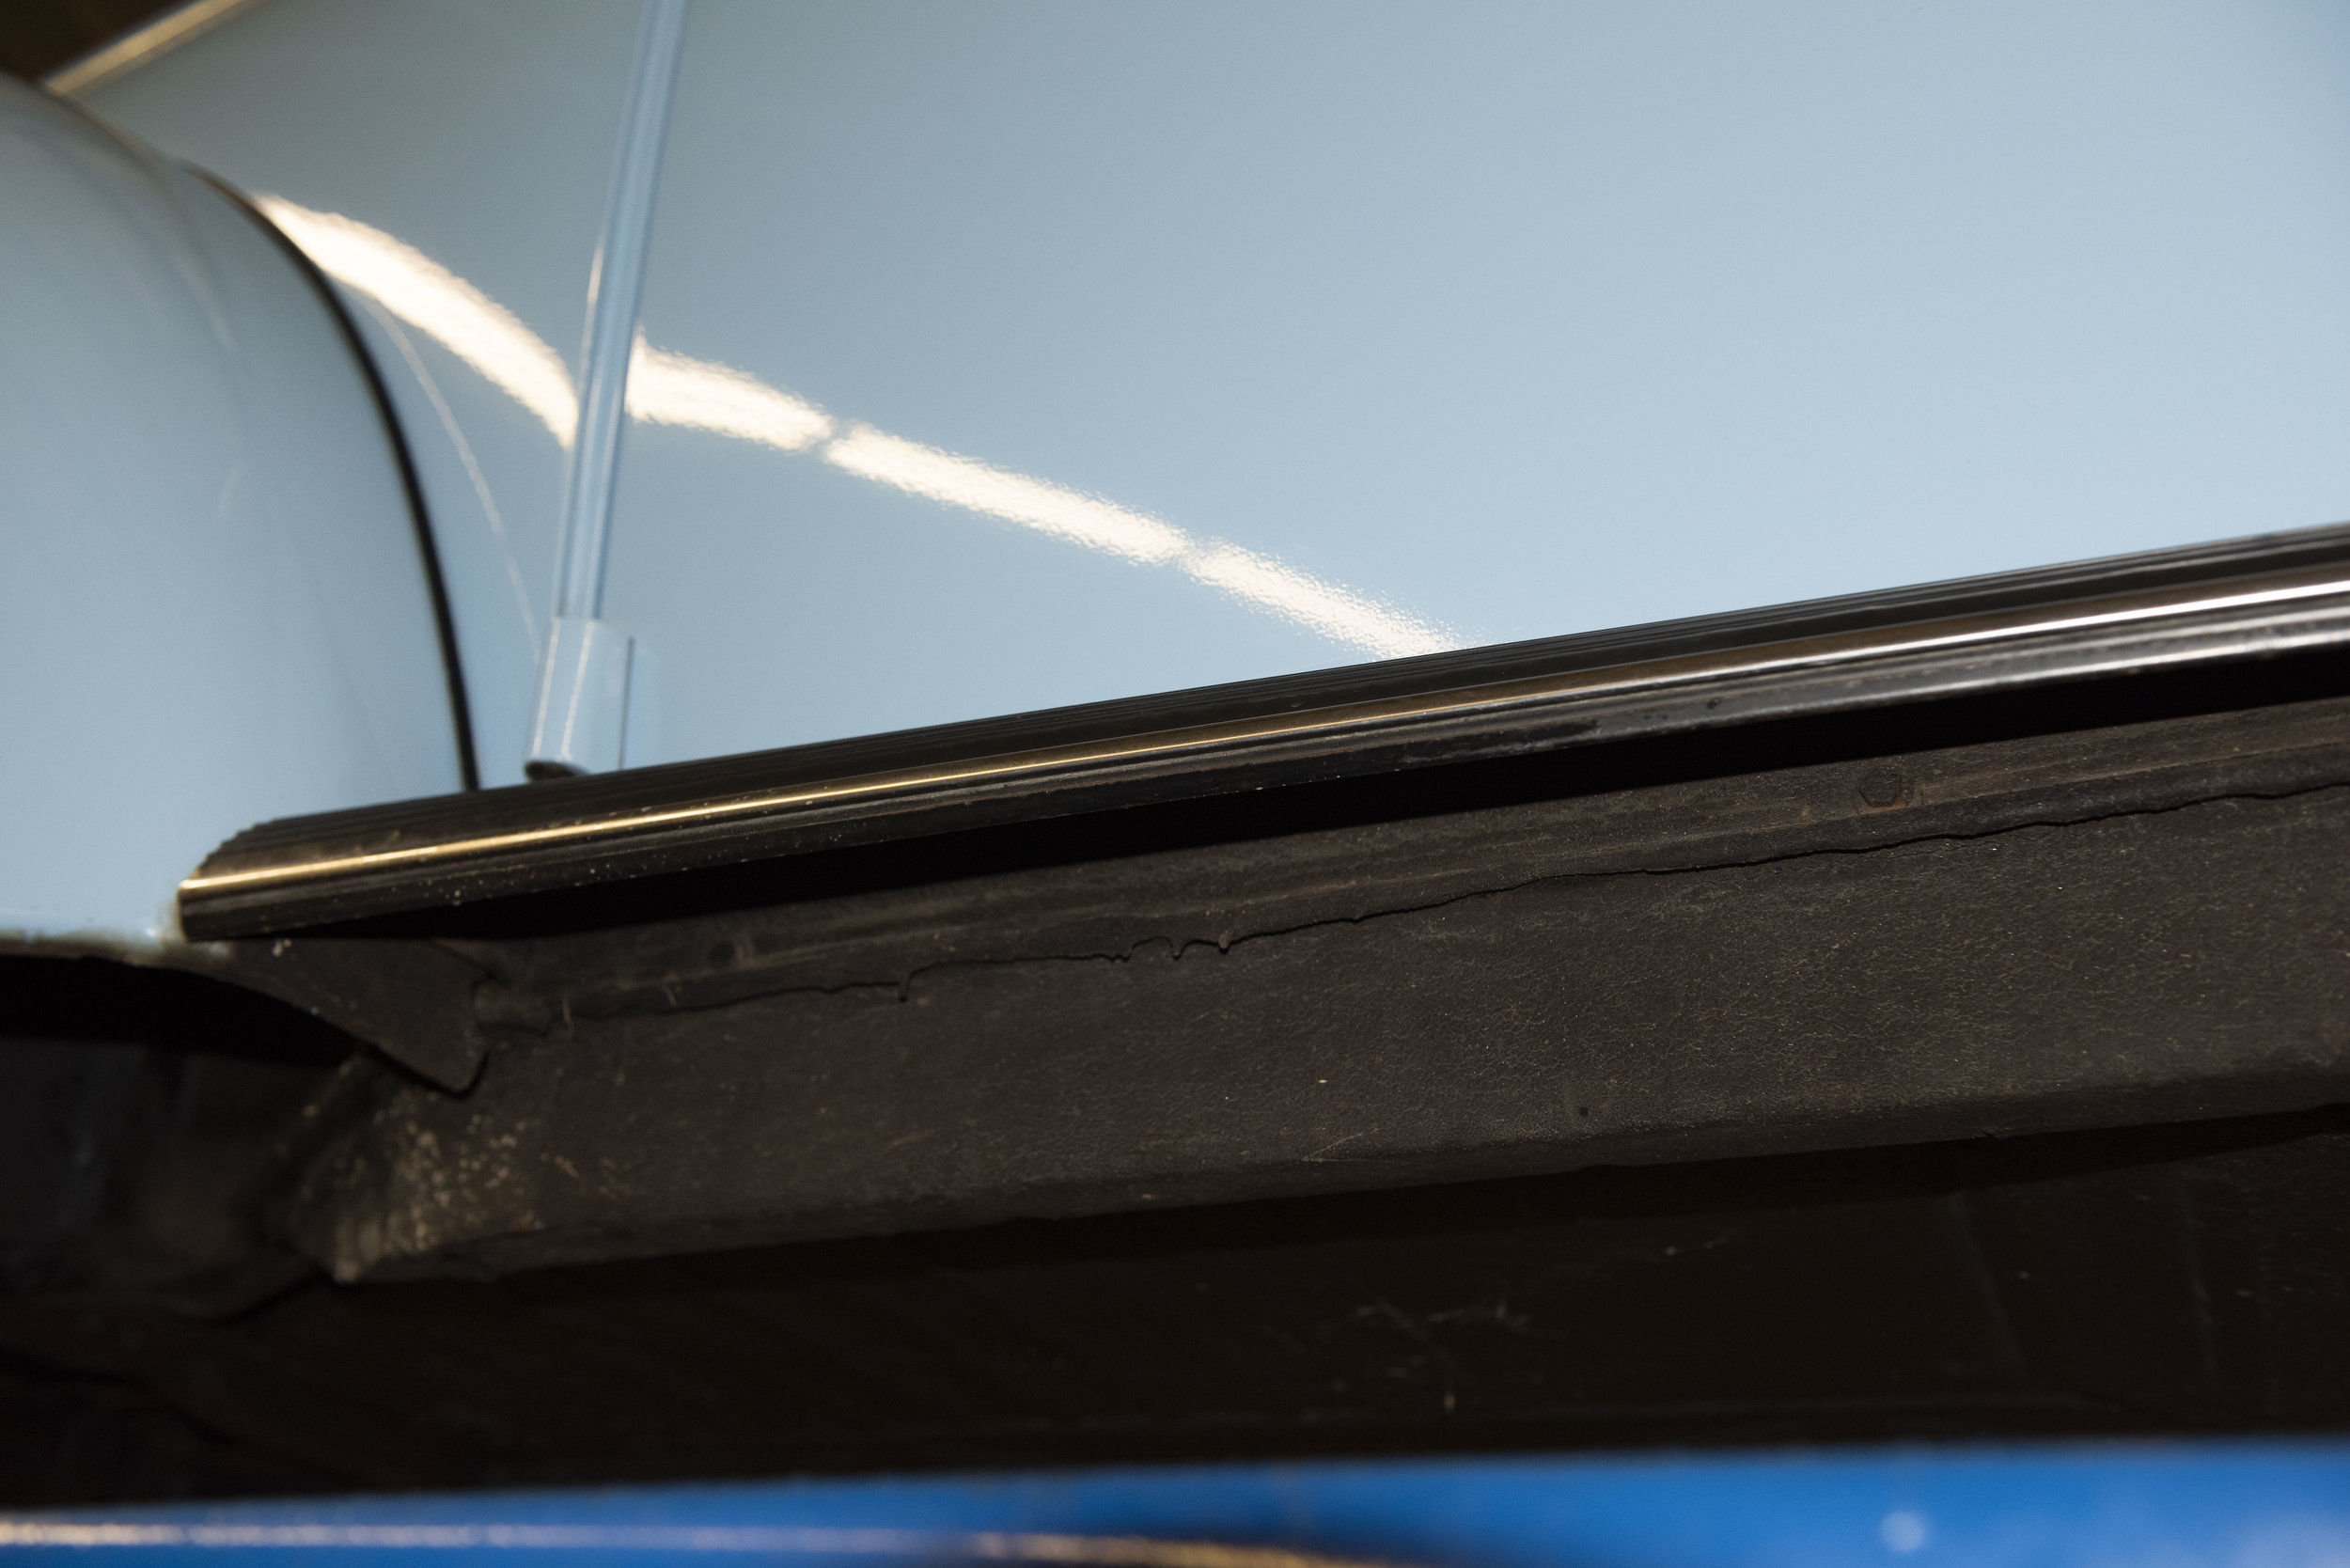 VW Bug Vert Underbody_024.JPG